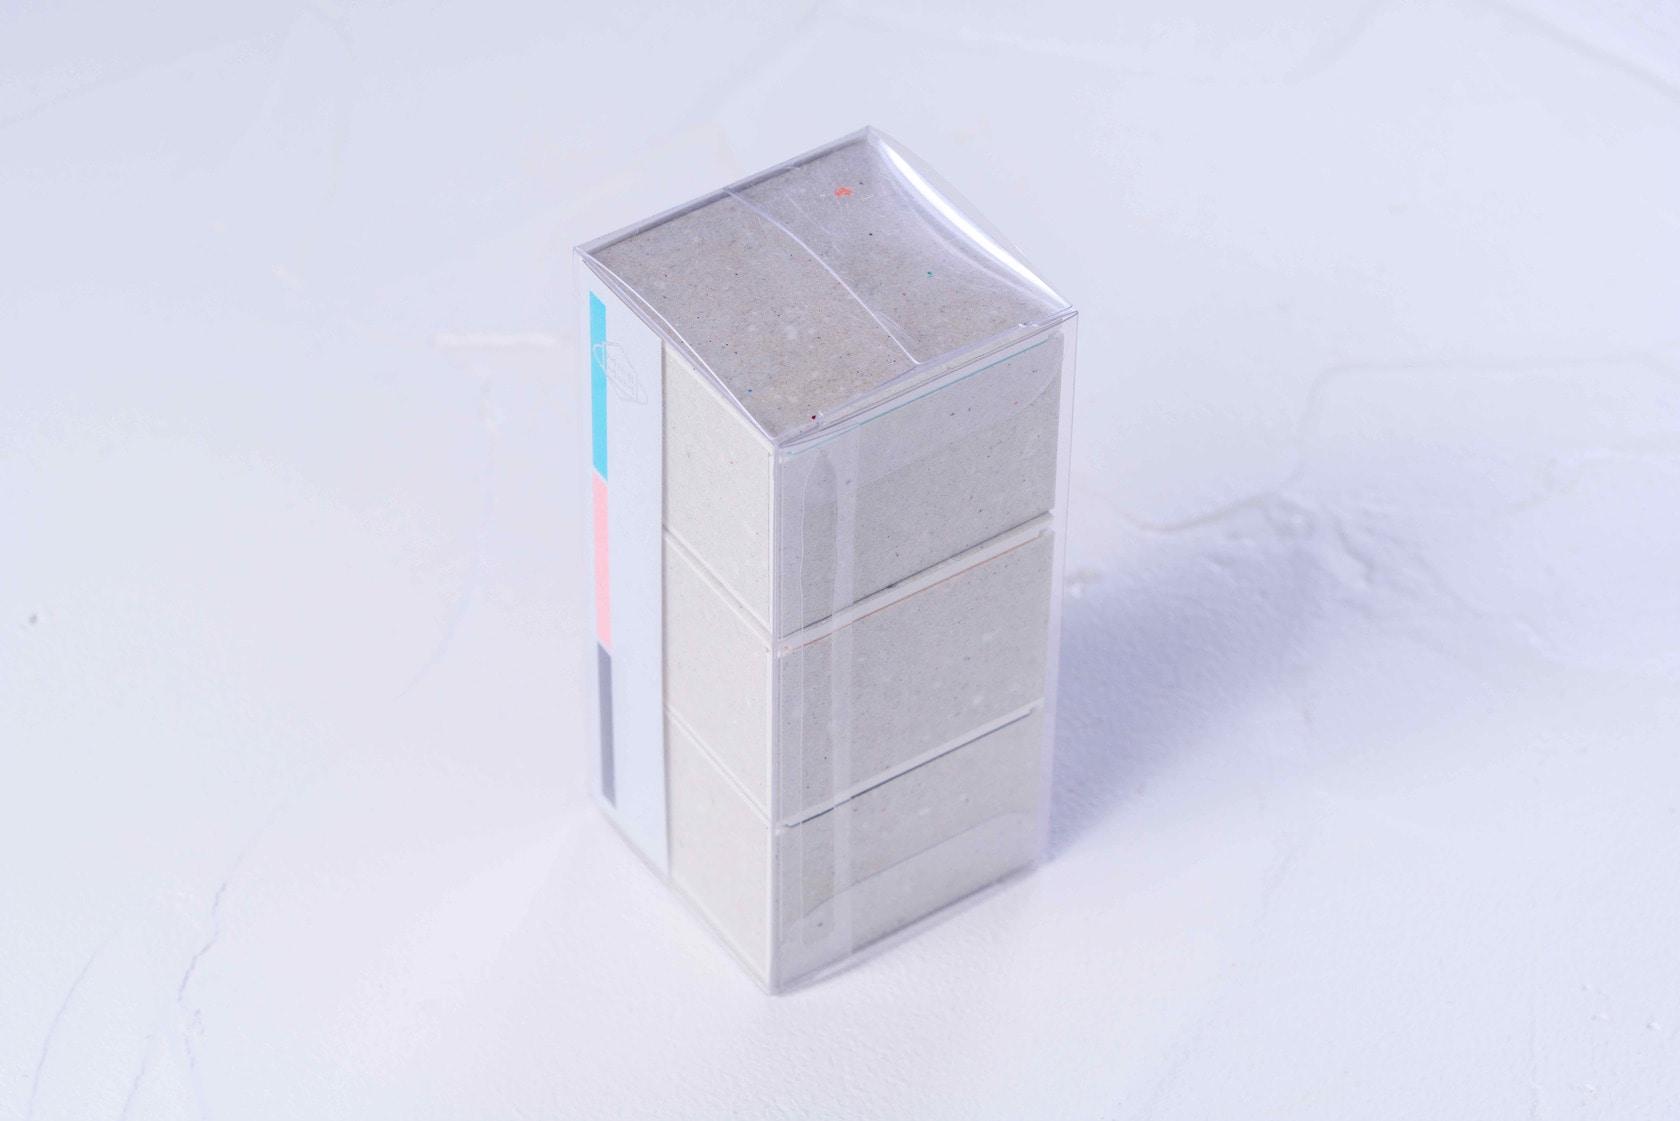 通販・お取り寄せ紙箱の収納ボックス,モリタのMiNiMuM Space BOX-3,札幌スタイル認証製品